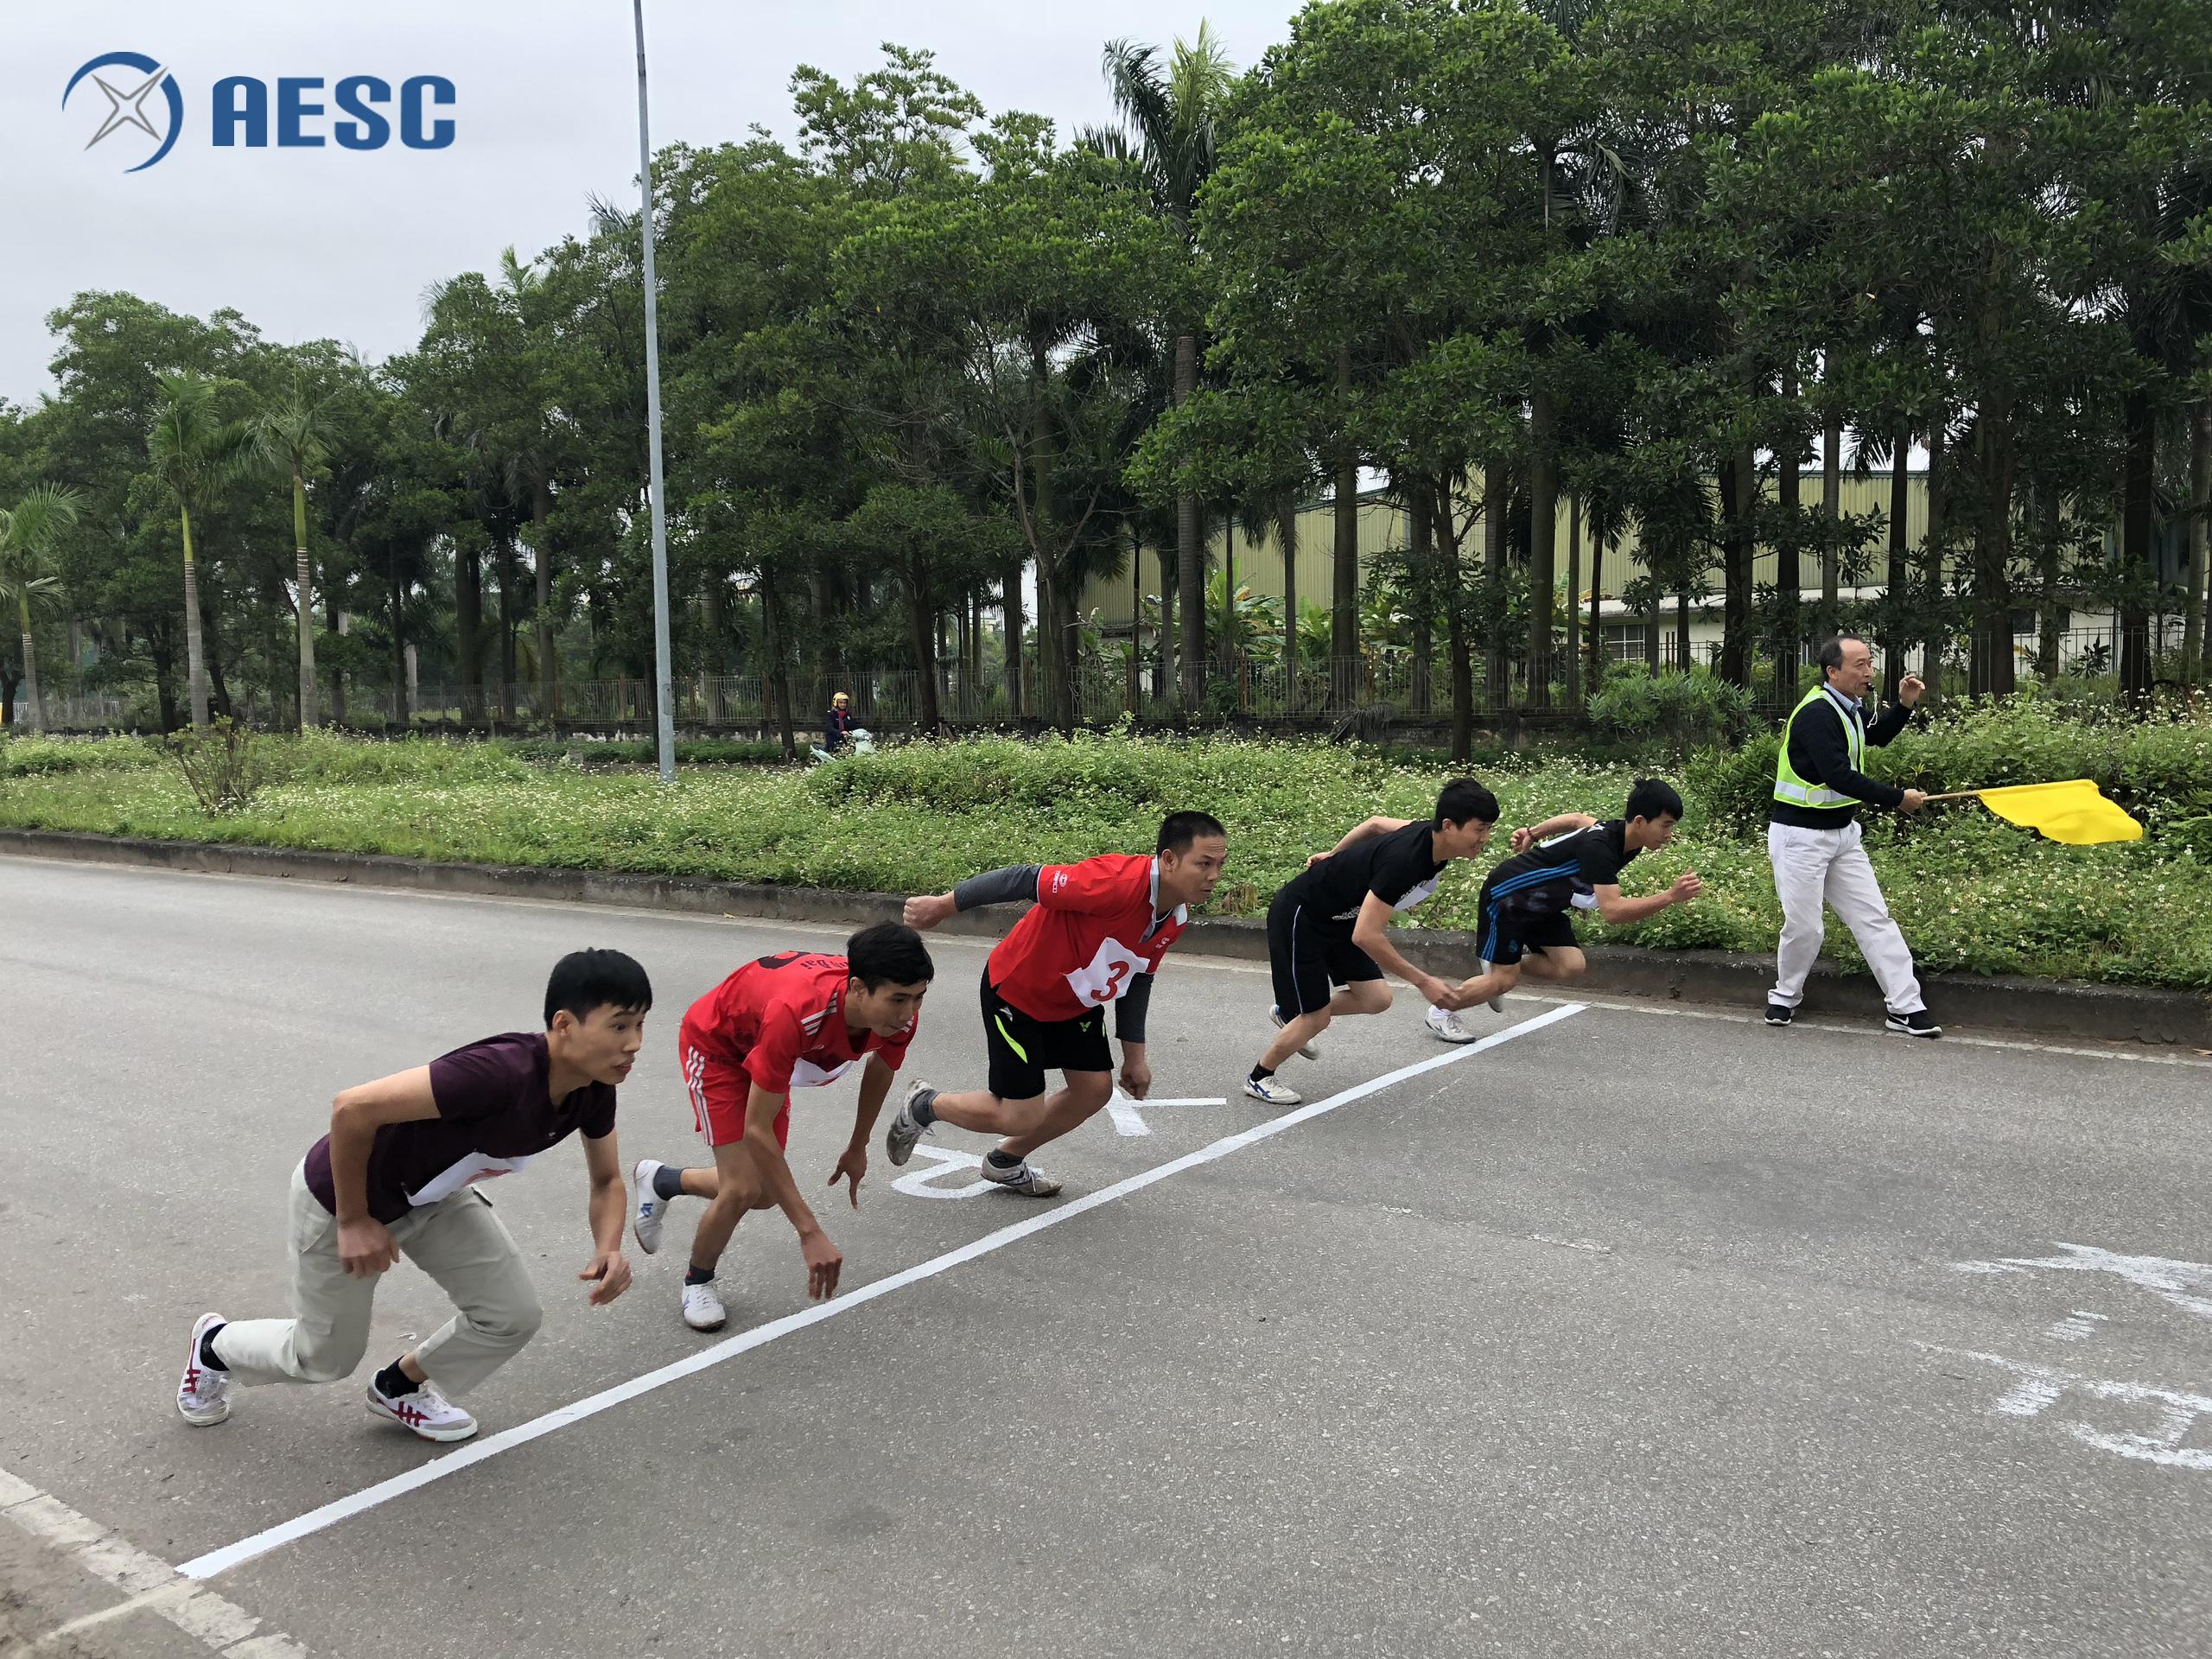 Môn chạy diễn ra với các nội dung: Chạy 800m Nữ, 100m Nam, 1500m Nam